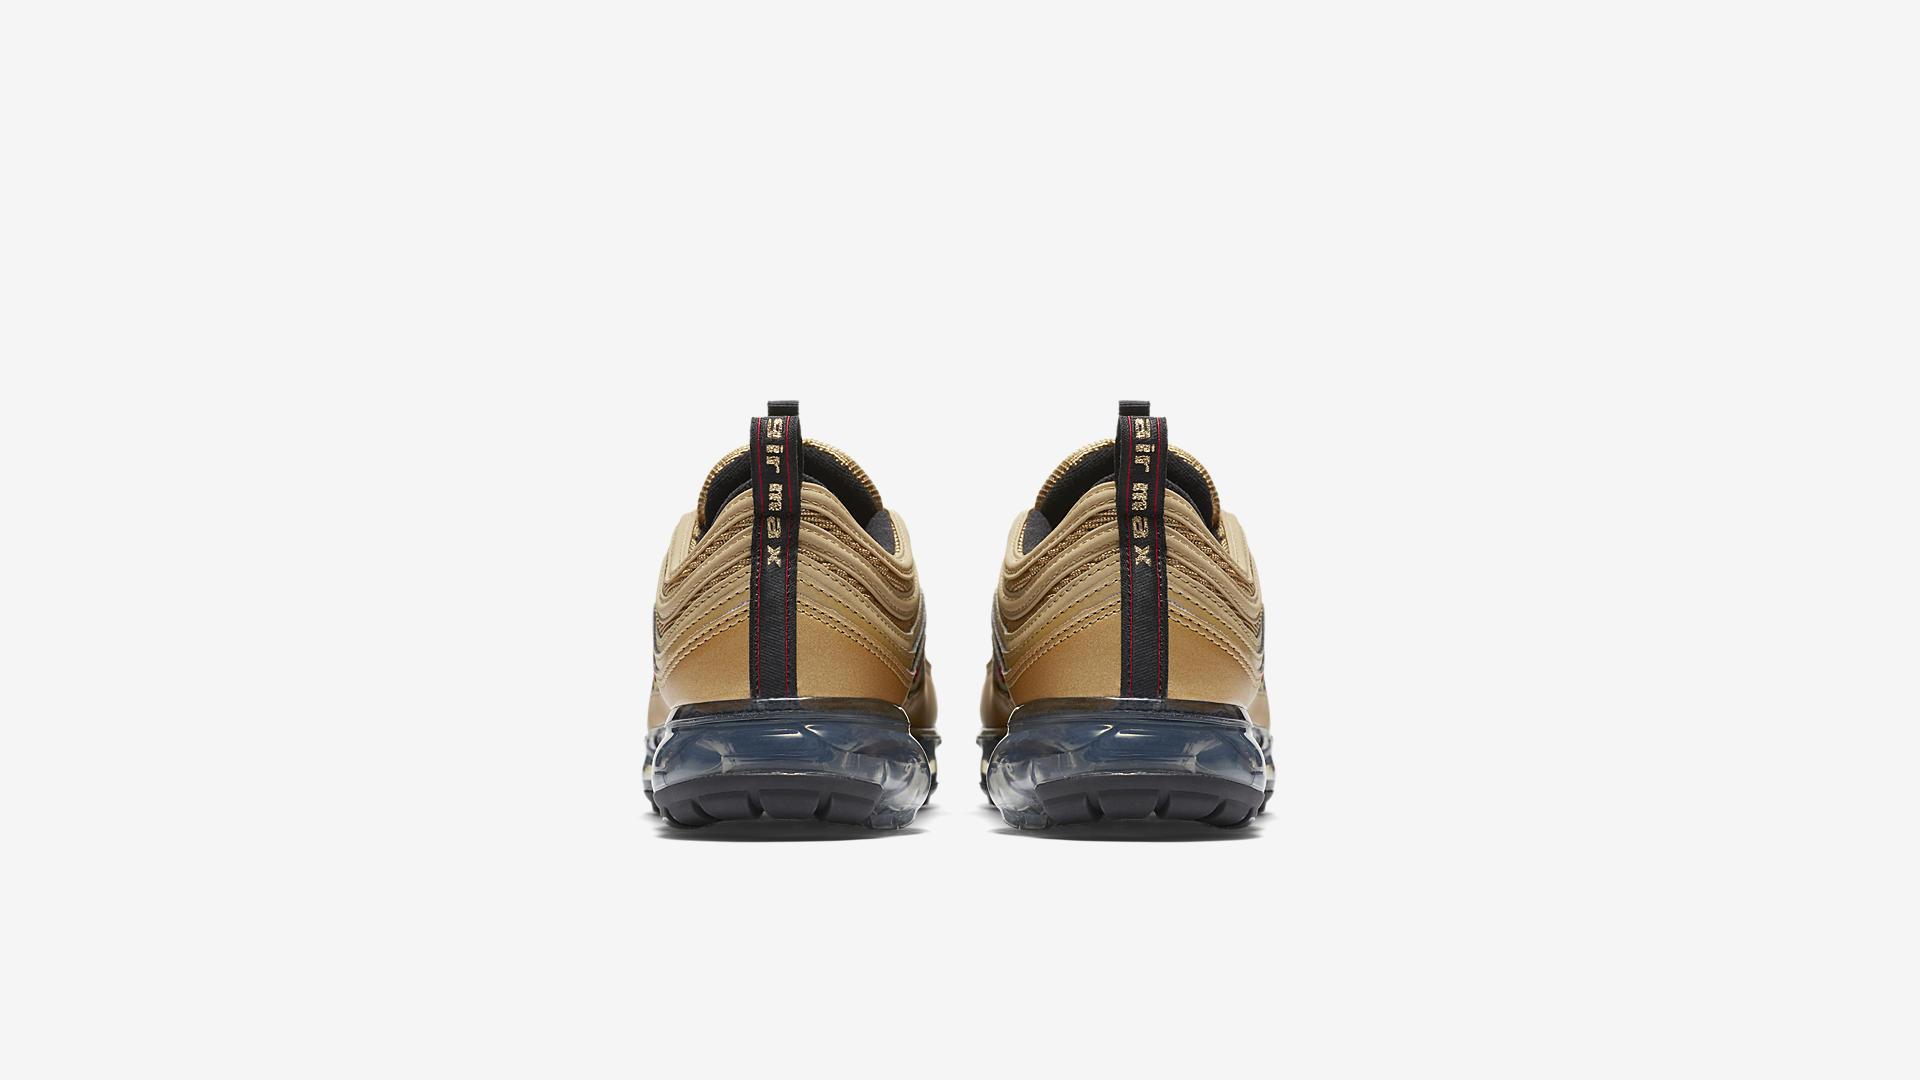 AJ7291 700 Nike Air Vapormax 97 Gold 2